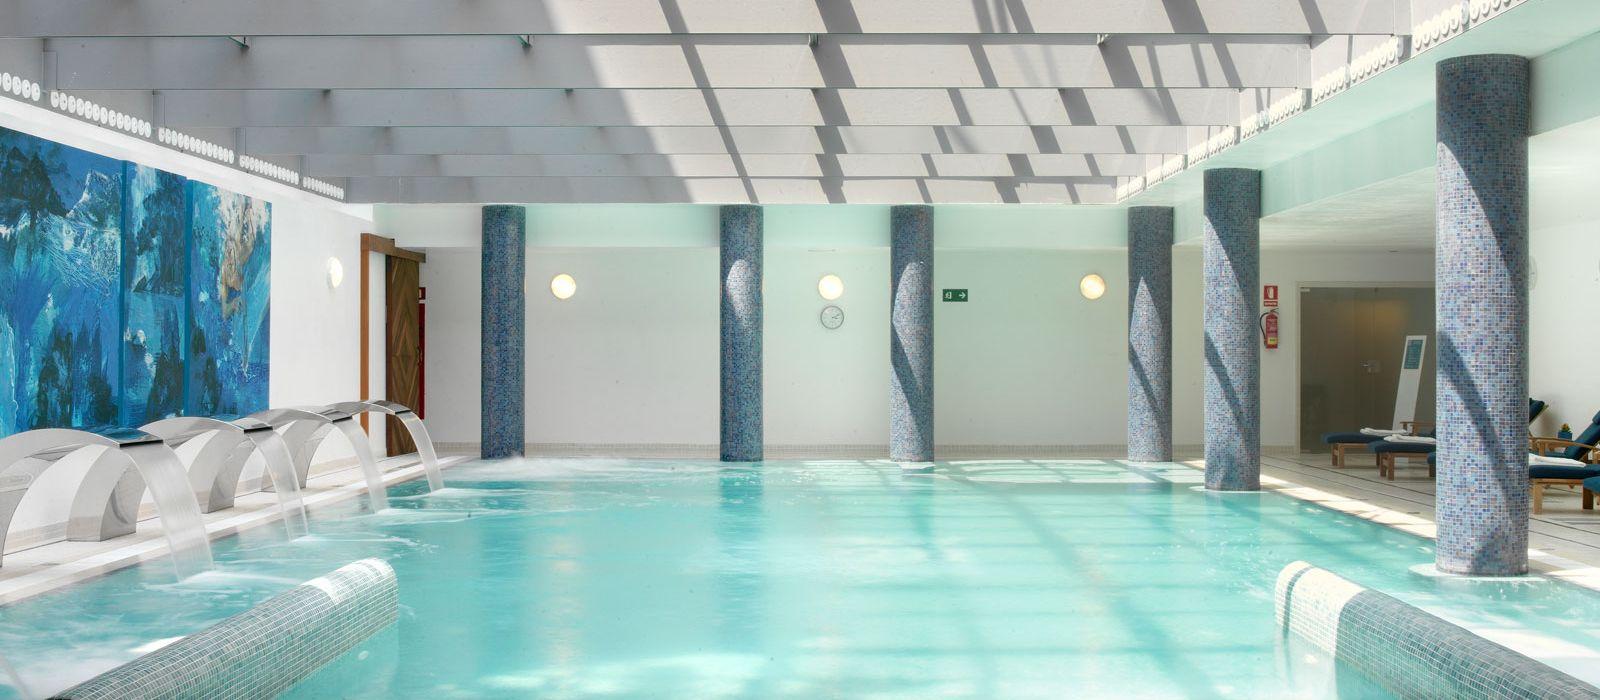 Relaja tu cuerpo en el Balneario La Garriga | Hotel Blancafort